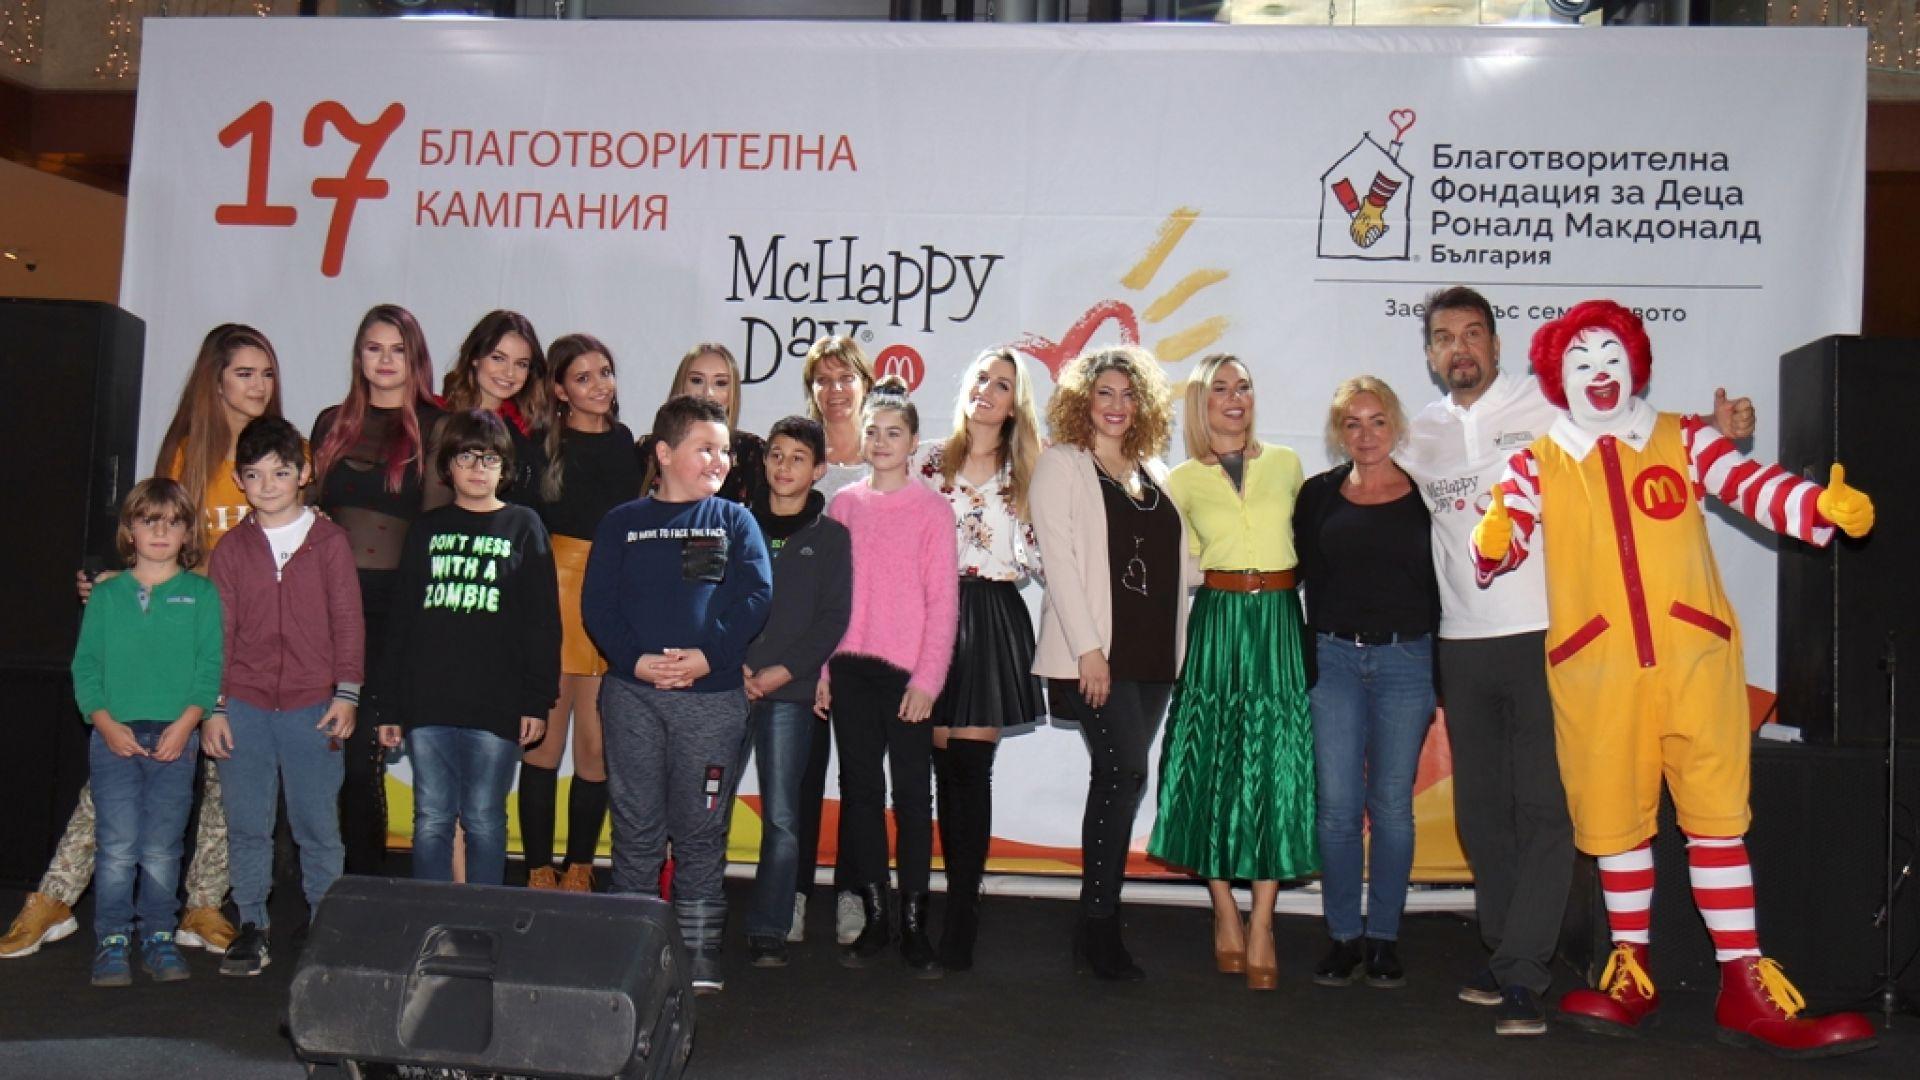 Популярни български лица подкрепиха благотворителната инициатива McHappy Day